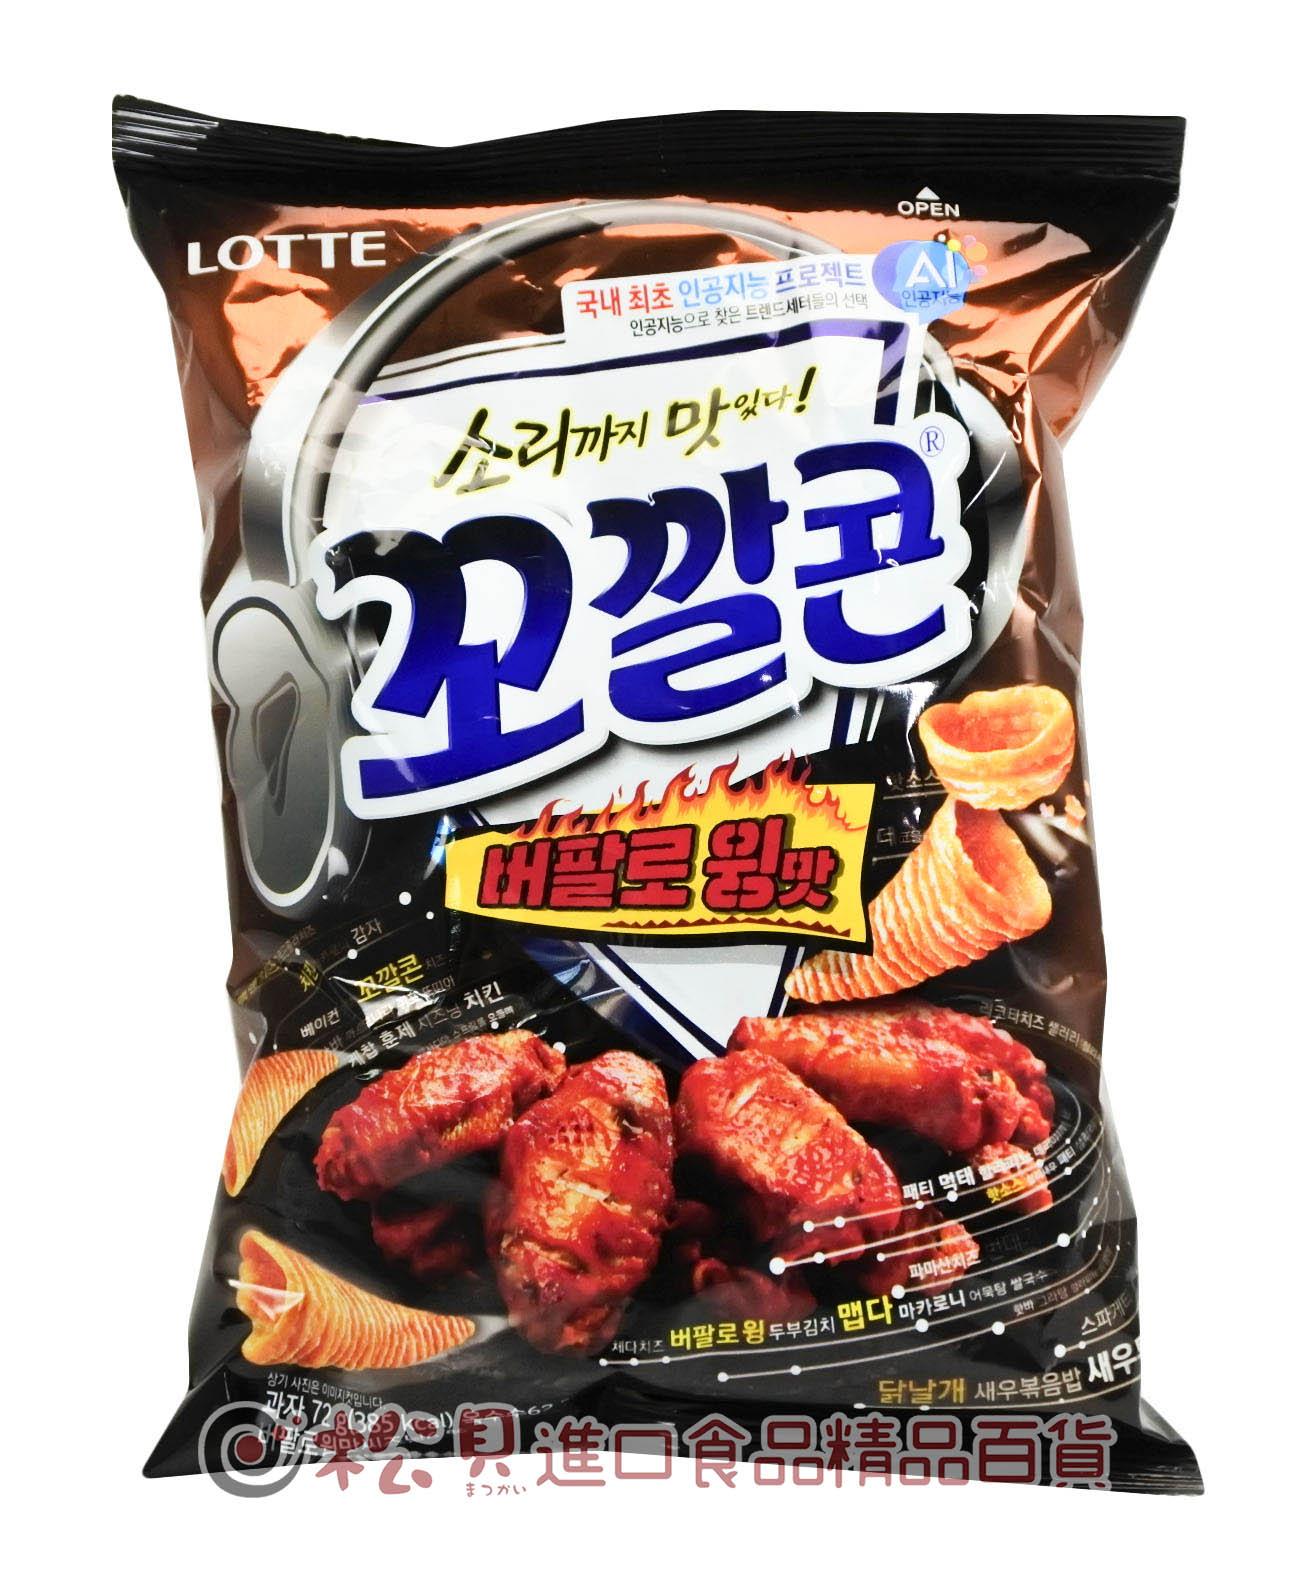 韓國LOTTE烘焙玉米脆角(辣雞翅)72g【8801062015931】